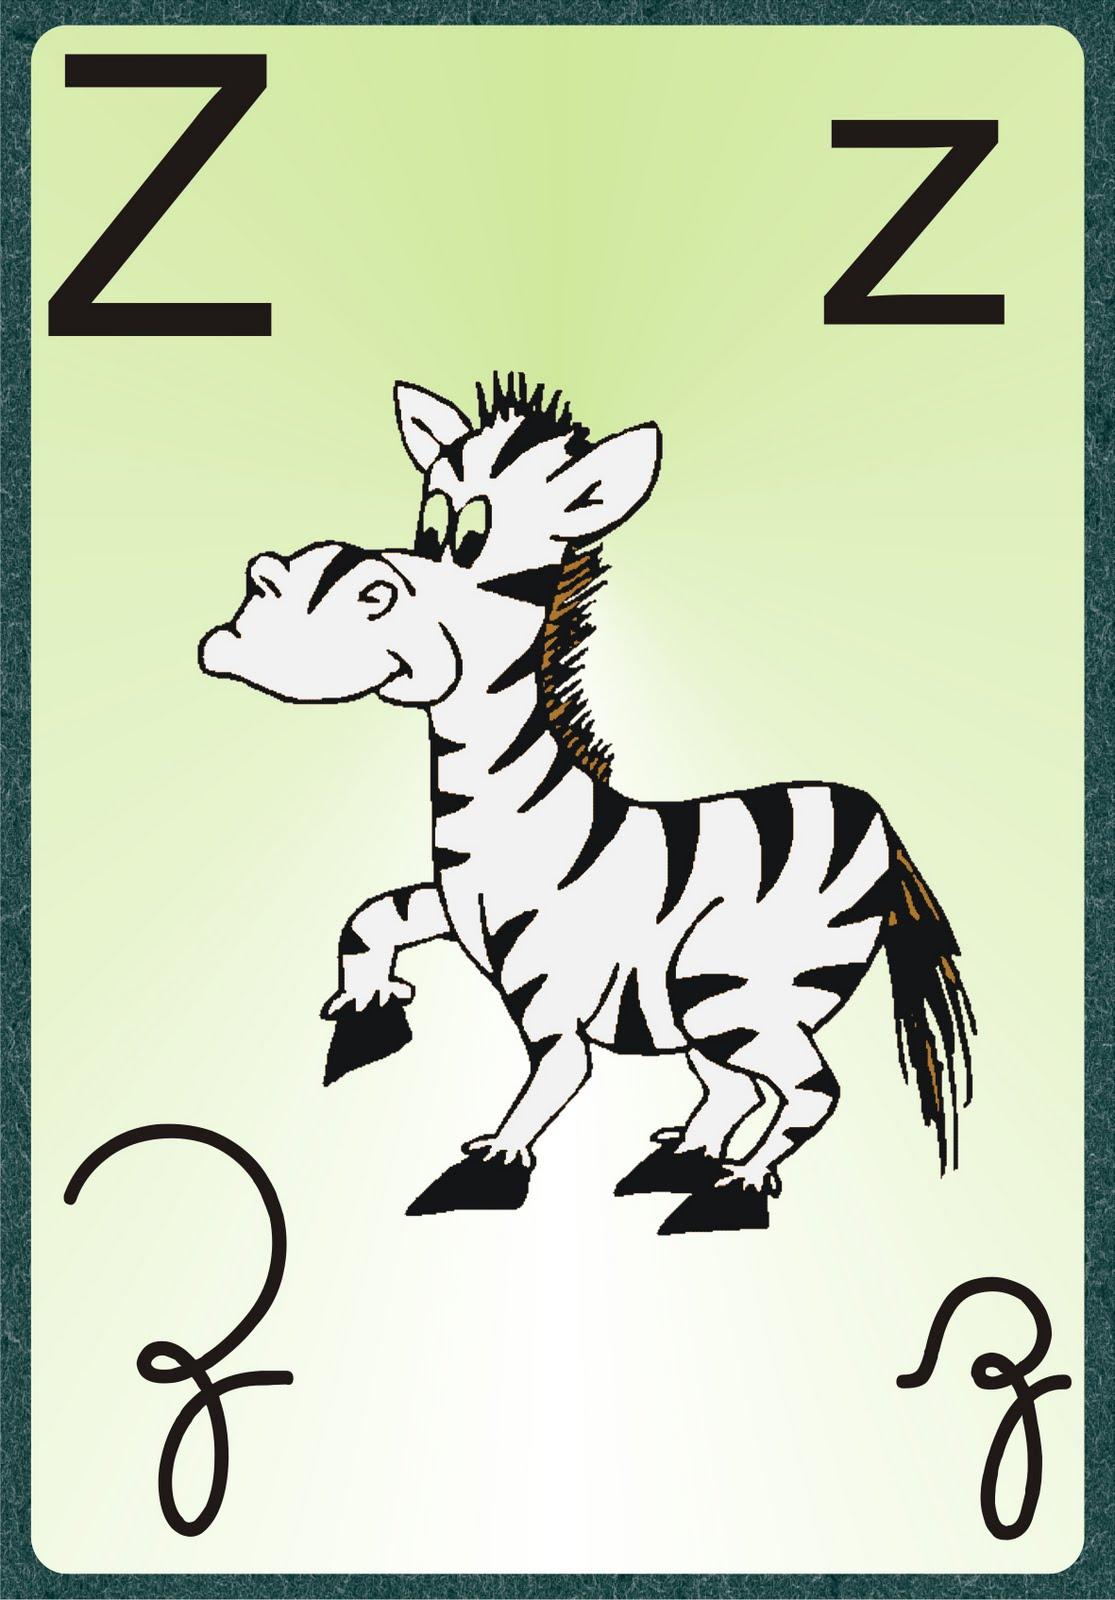 Alfabeto iIustrado 4 tipos de Letras para imprimir Grátis